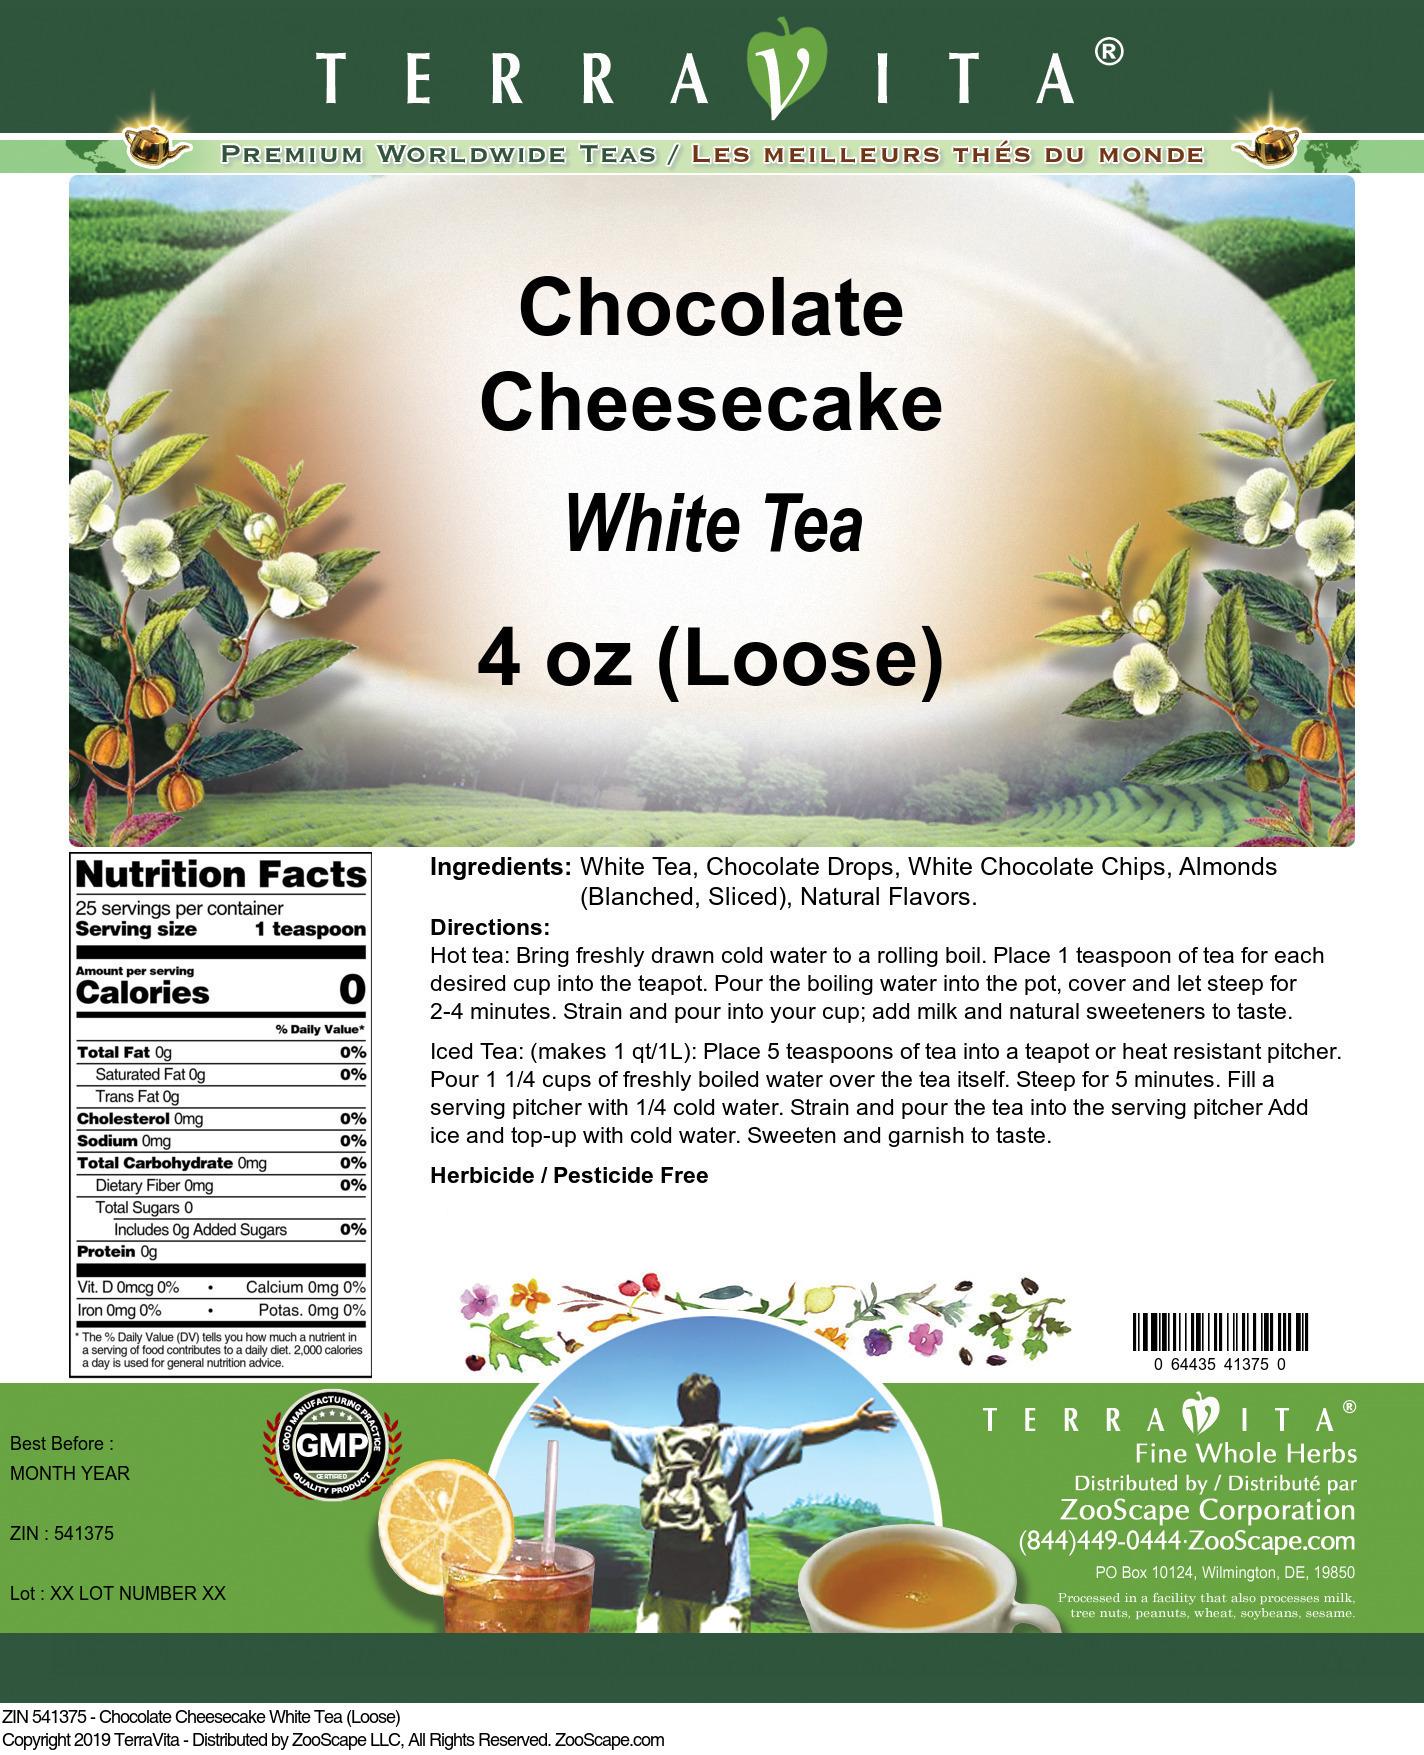 Chocolate Cheesecake White Tea